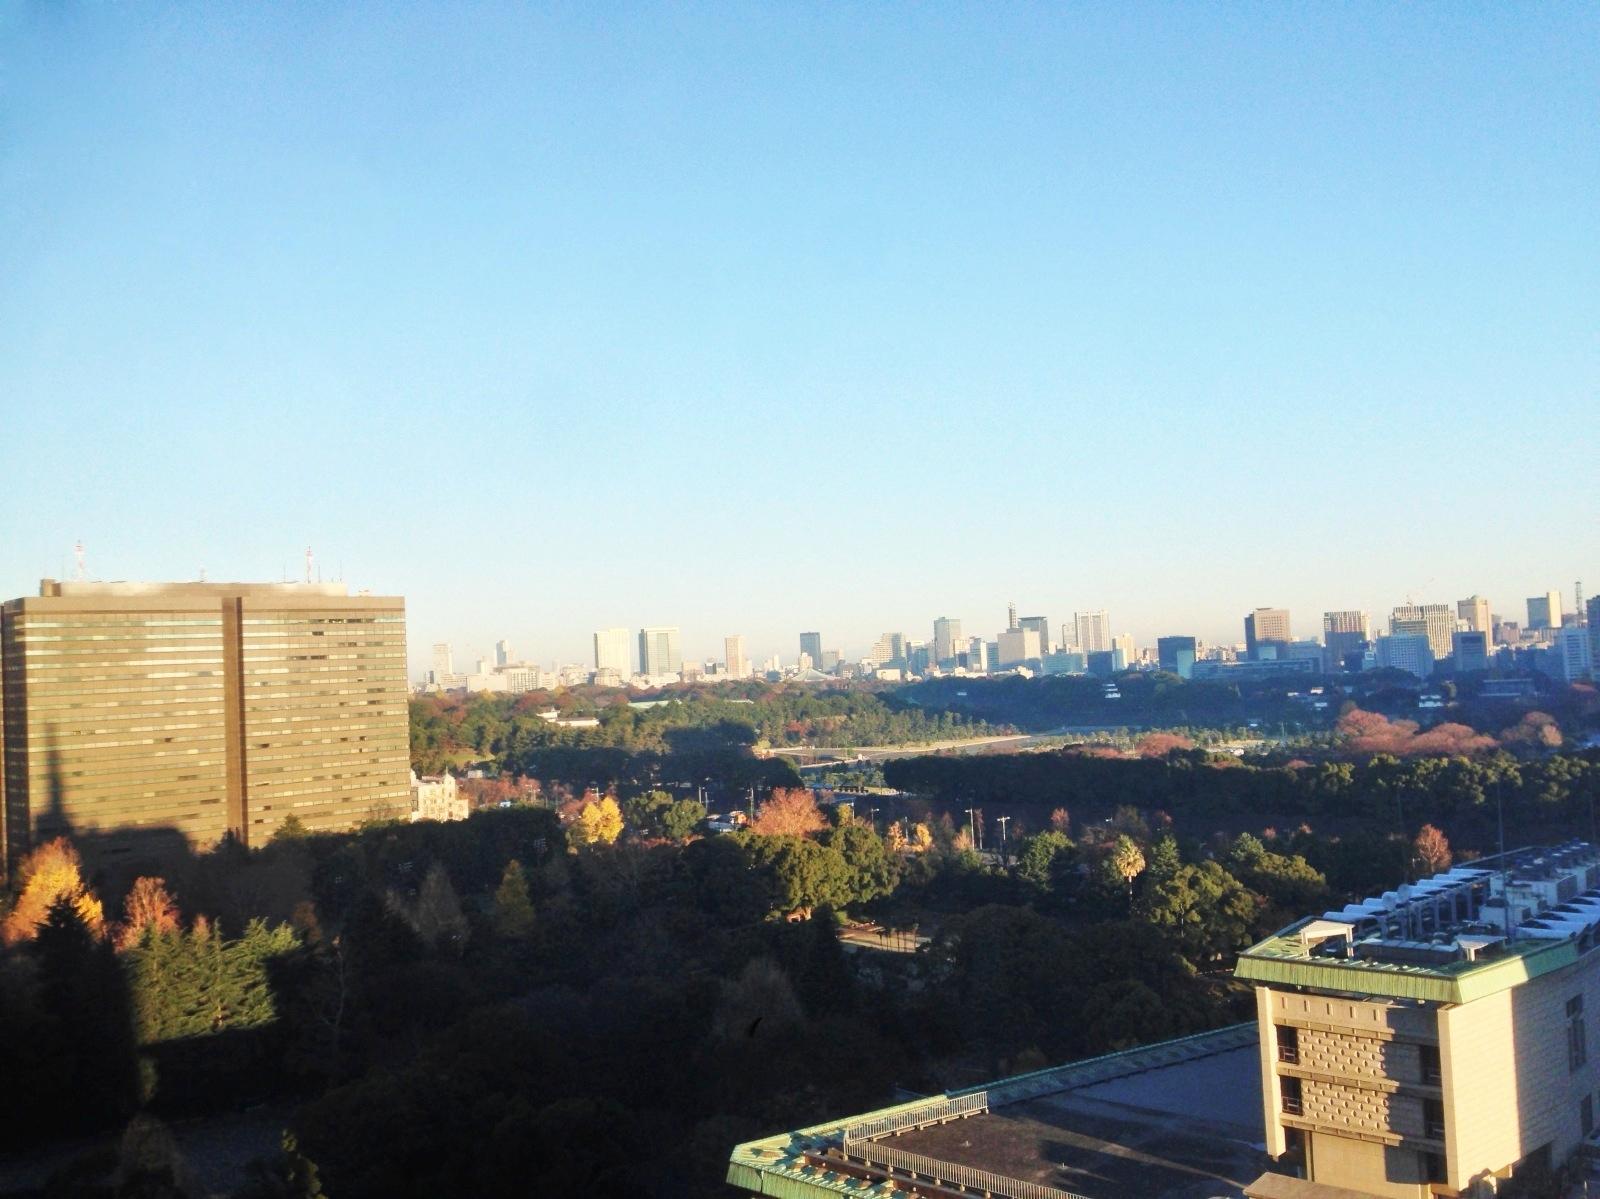 Looking down Tokyo